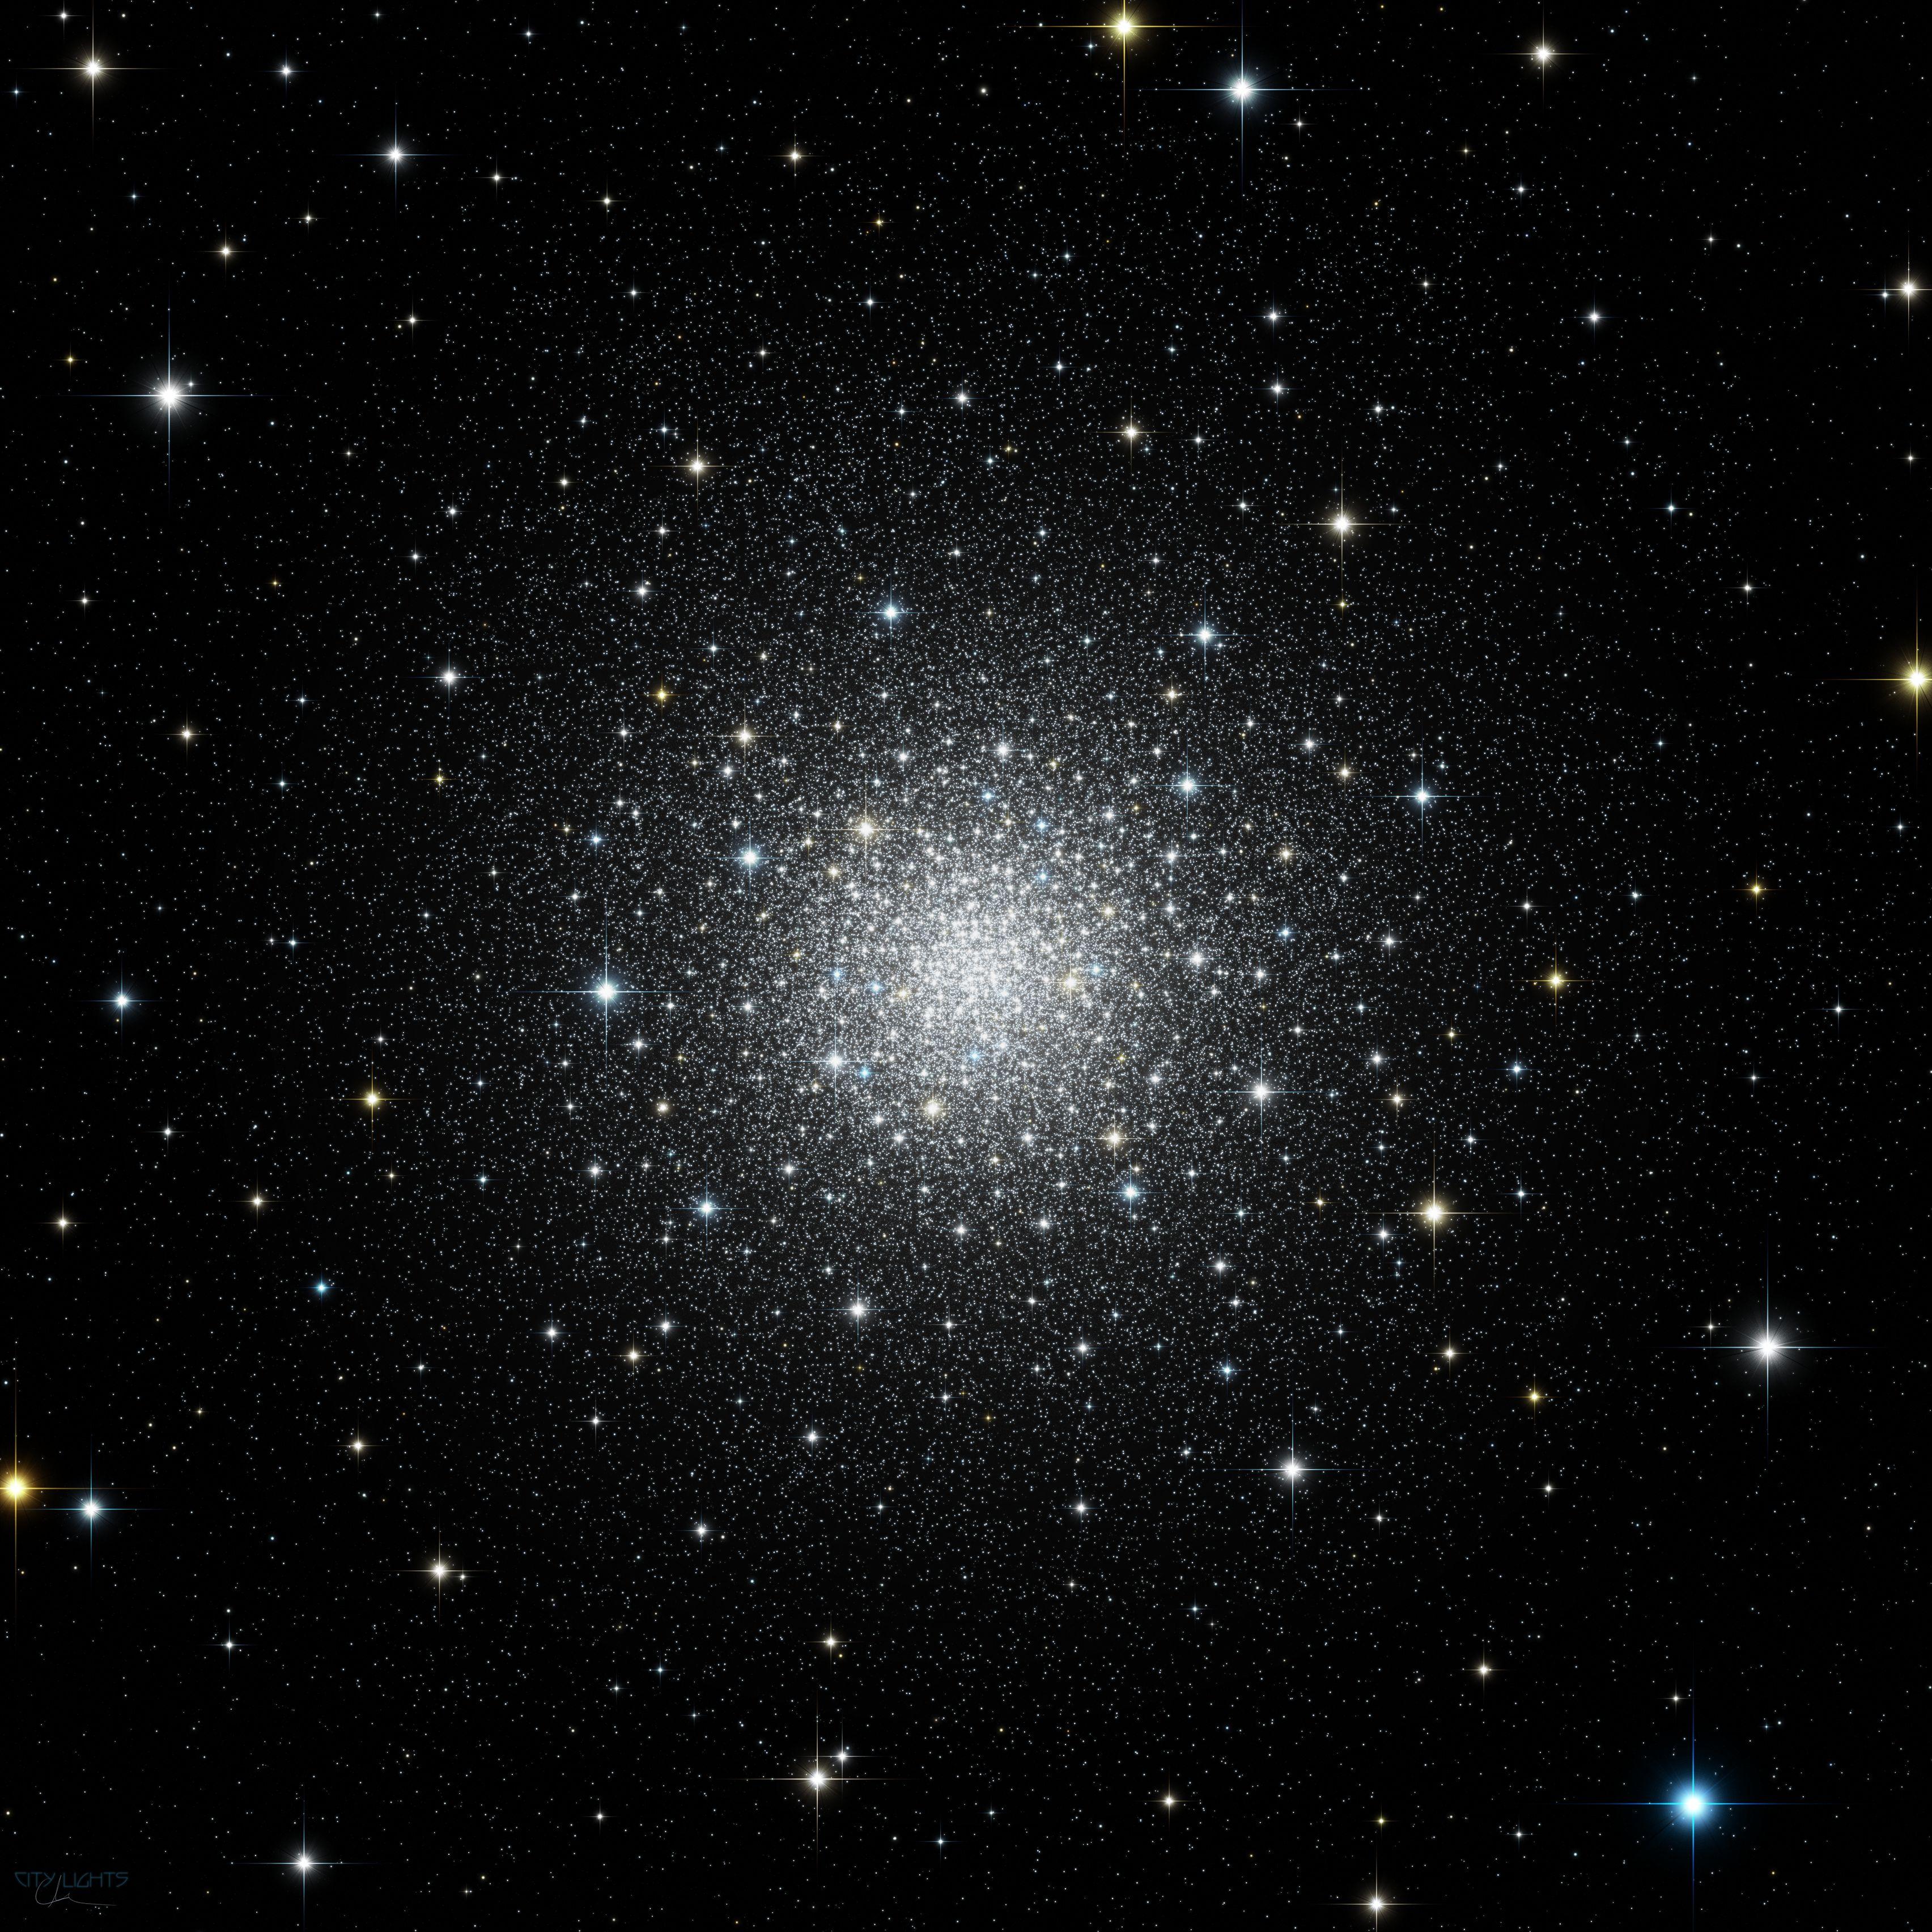 119724 Hintergrundbild herunterladen Universum, Sterne, Hell, Galaxis, Galaxy, Glänzend, Sternhaufen, Leuchtenden, Leuchtendes, Funkelnden - Bildschirmschoner und Bilder kostenlos